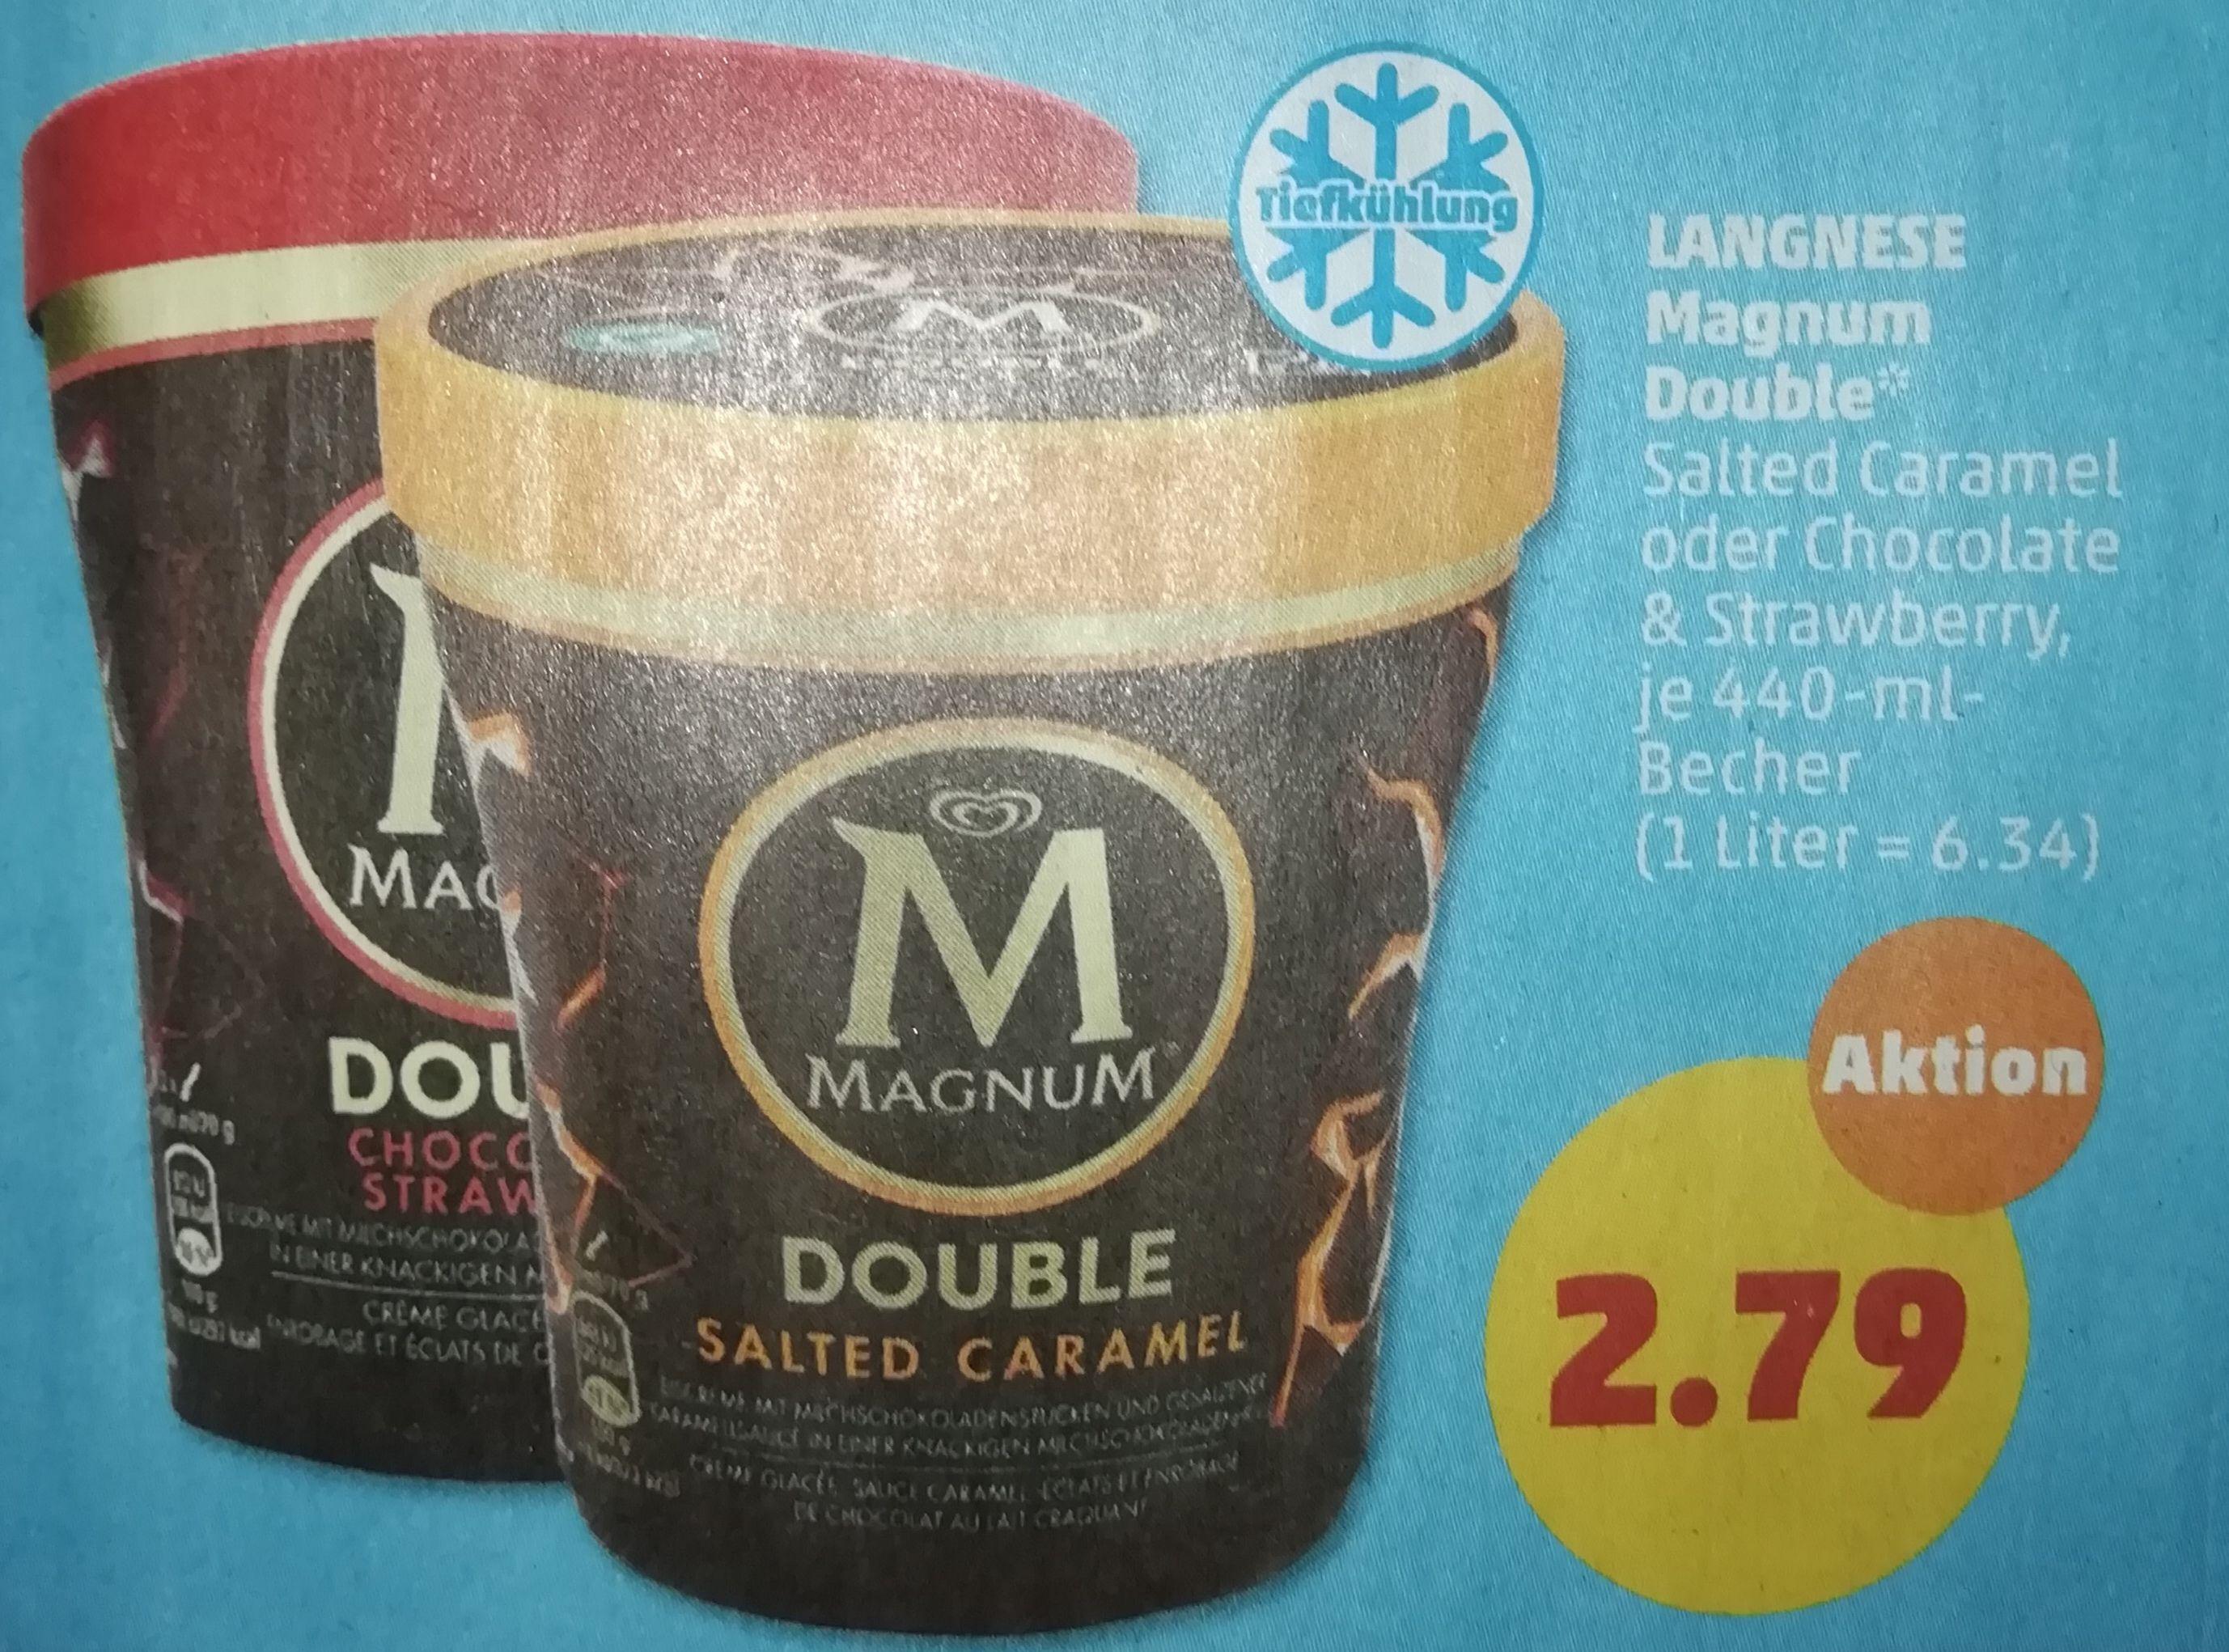 [Penny] Magnum Double Eis für 2,79€ (vielleicht günstiger durch Steuerabatt)